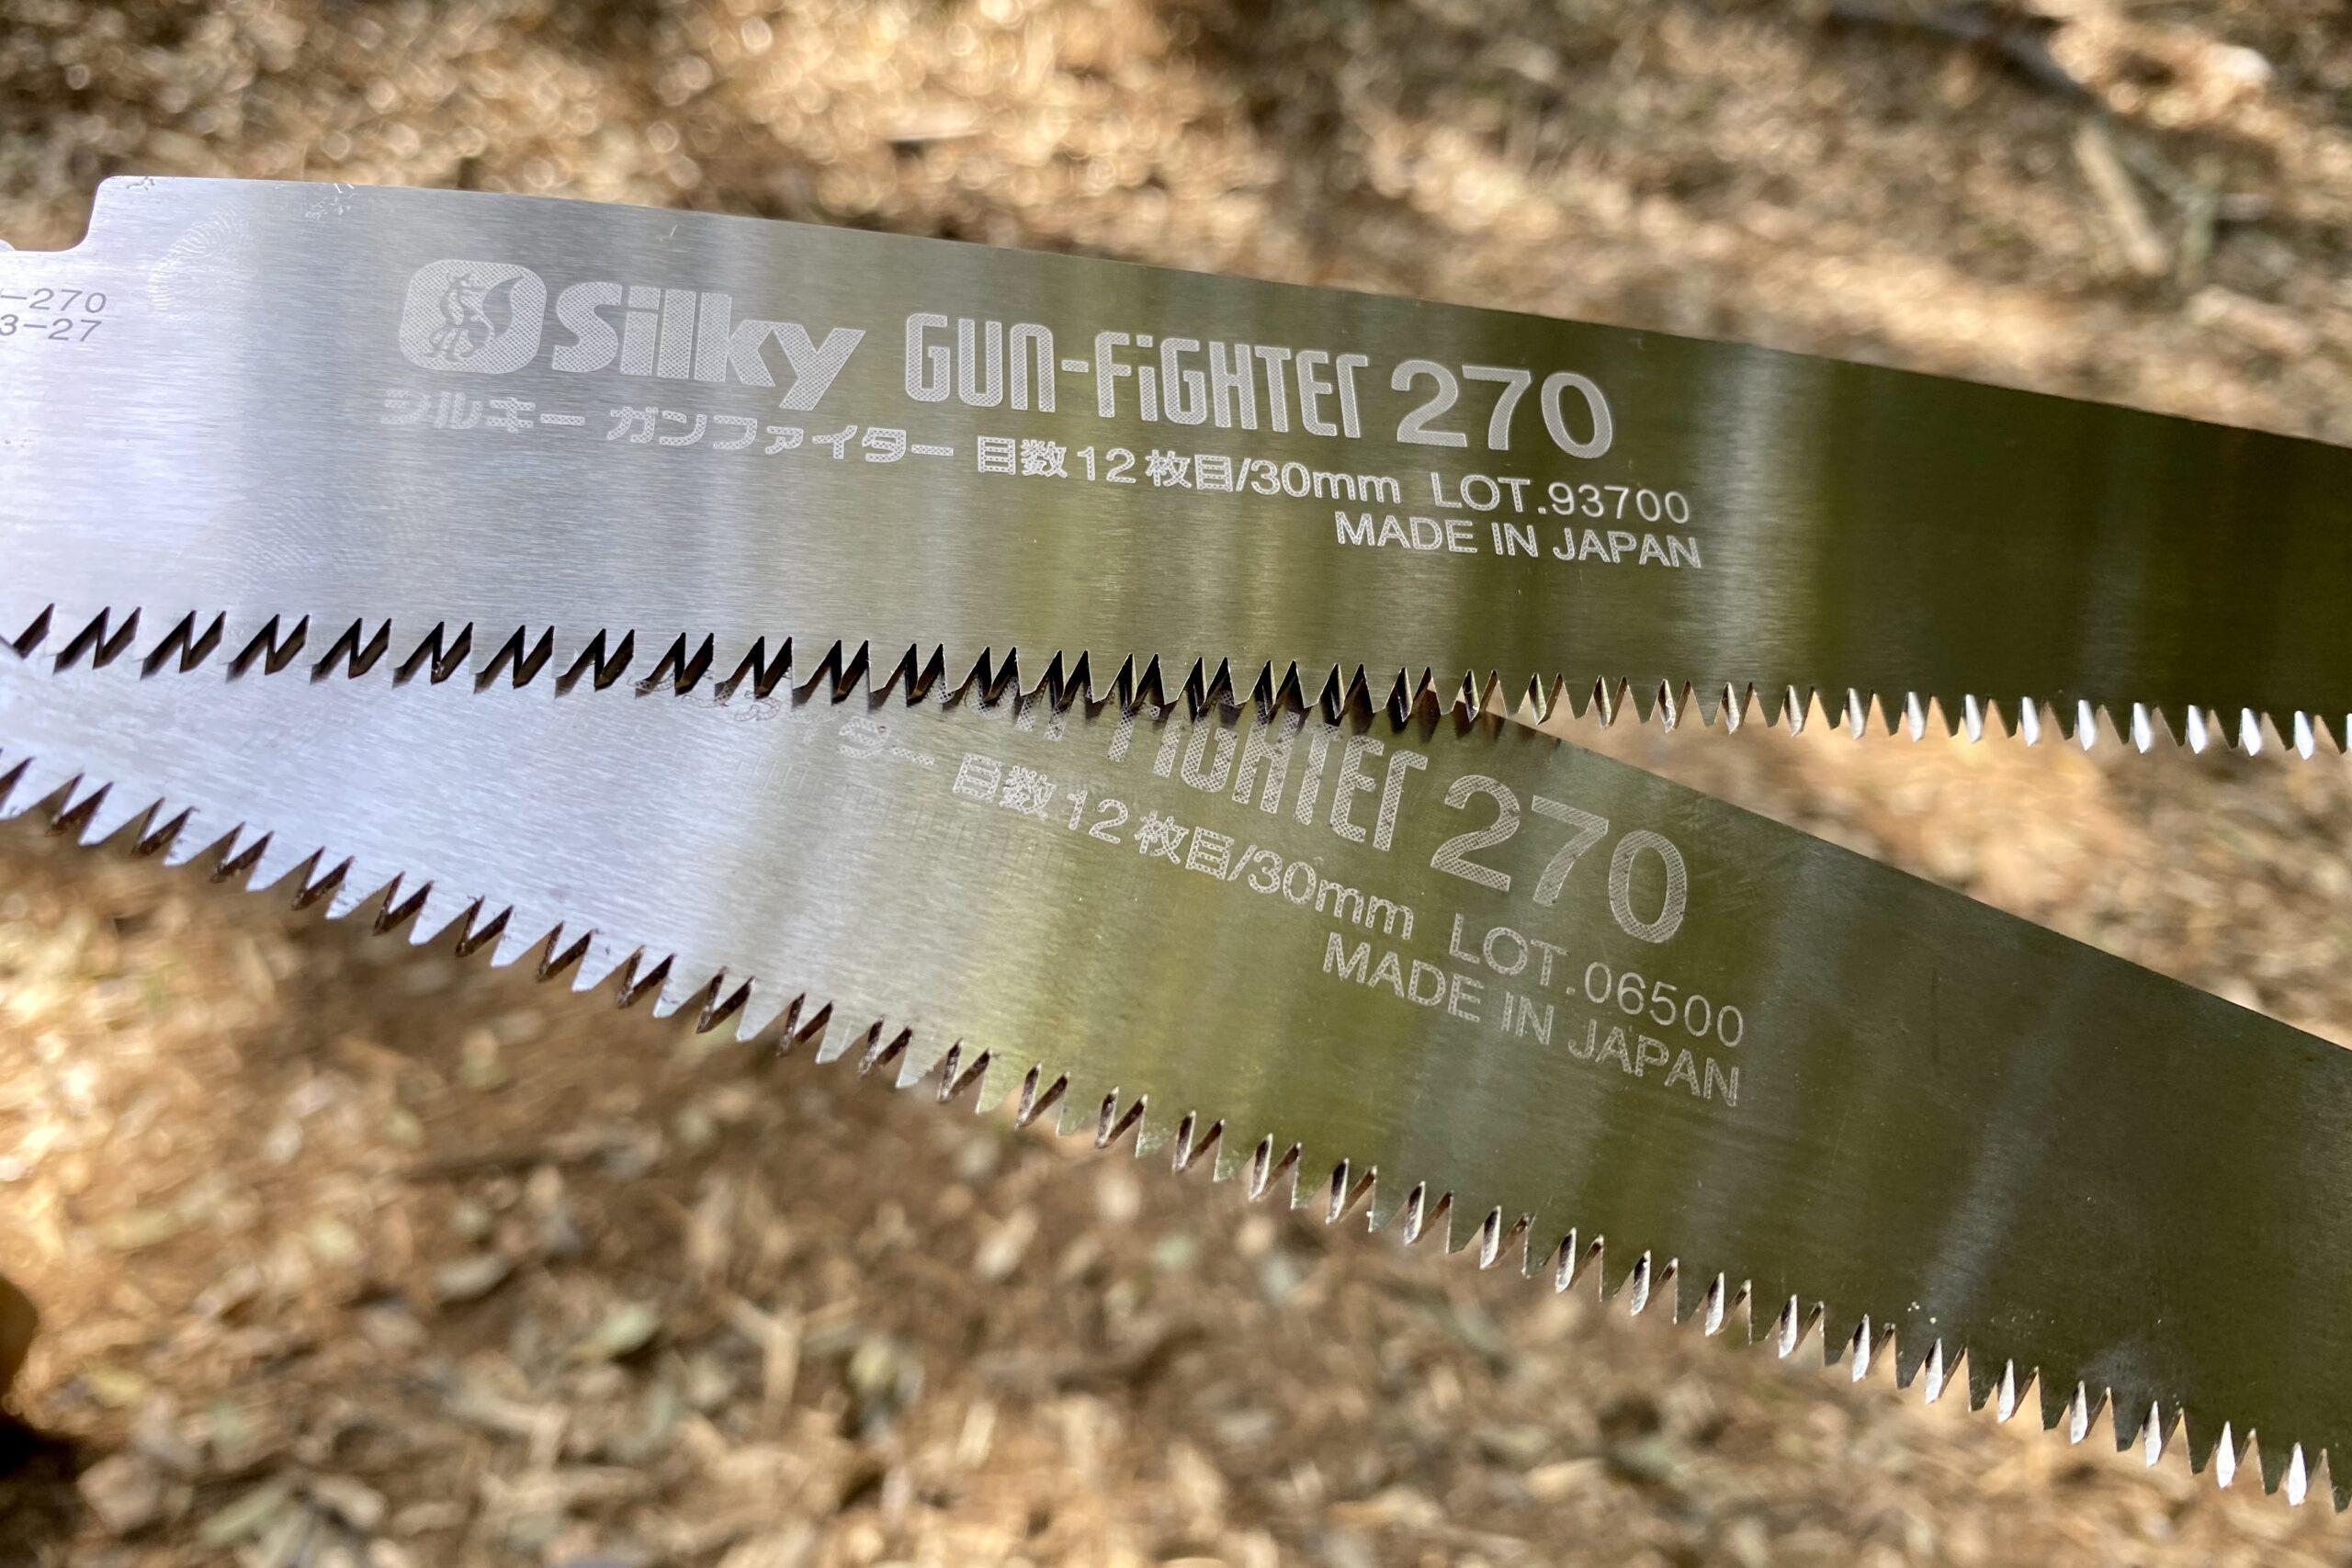 シルキーガンファイターの替え刃